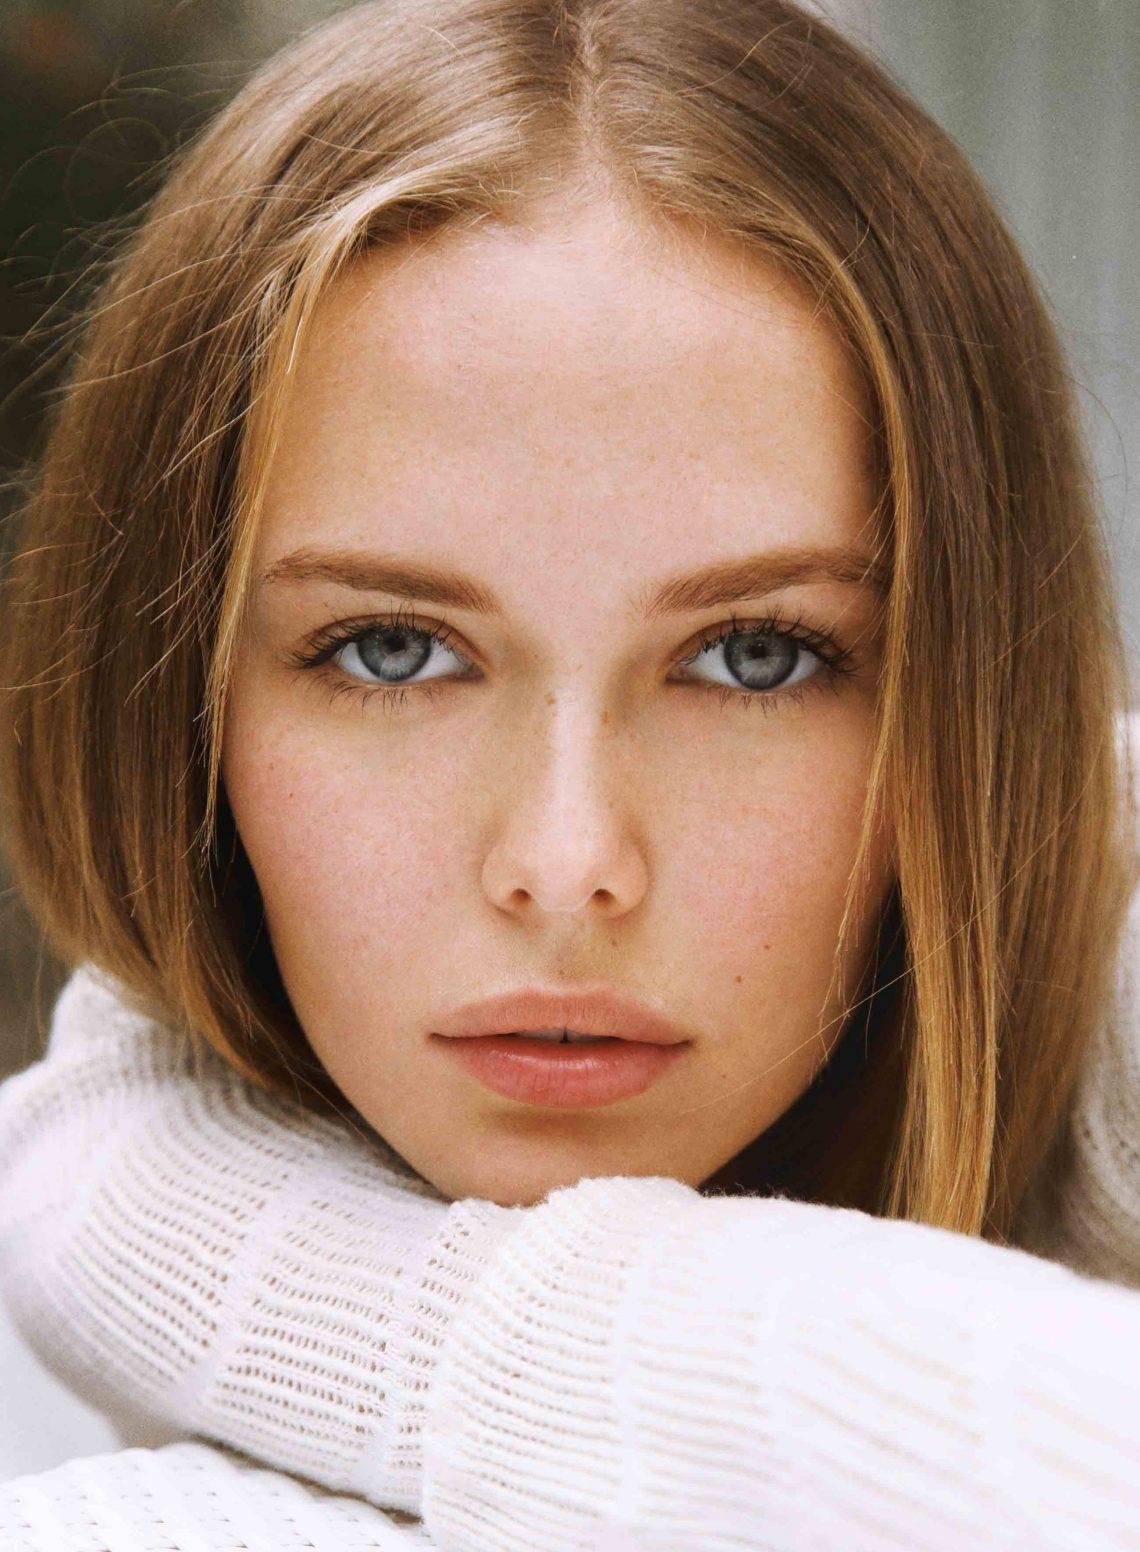 Balistarz-model-Angelina-Boyko-headshot-portrait-shoot-relaxing-on-her-arm